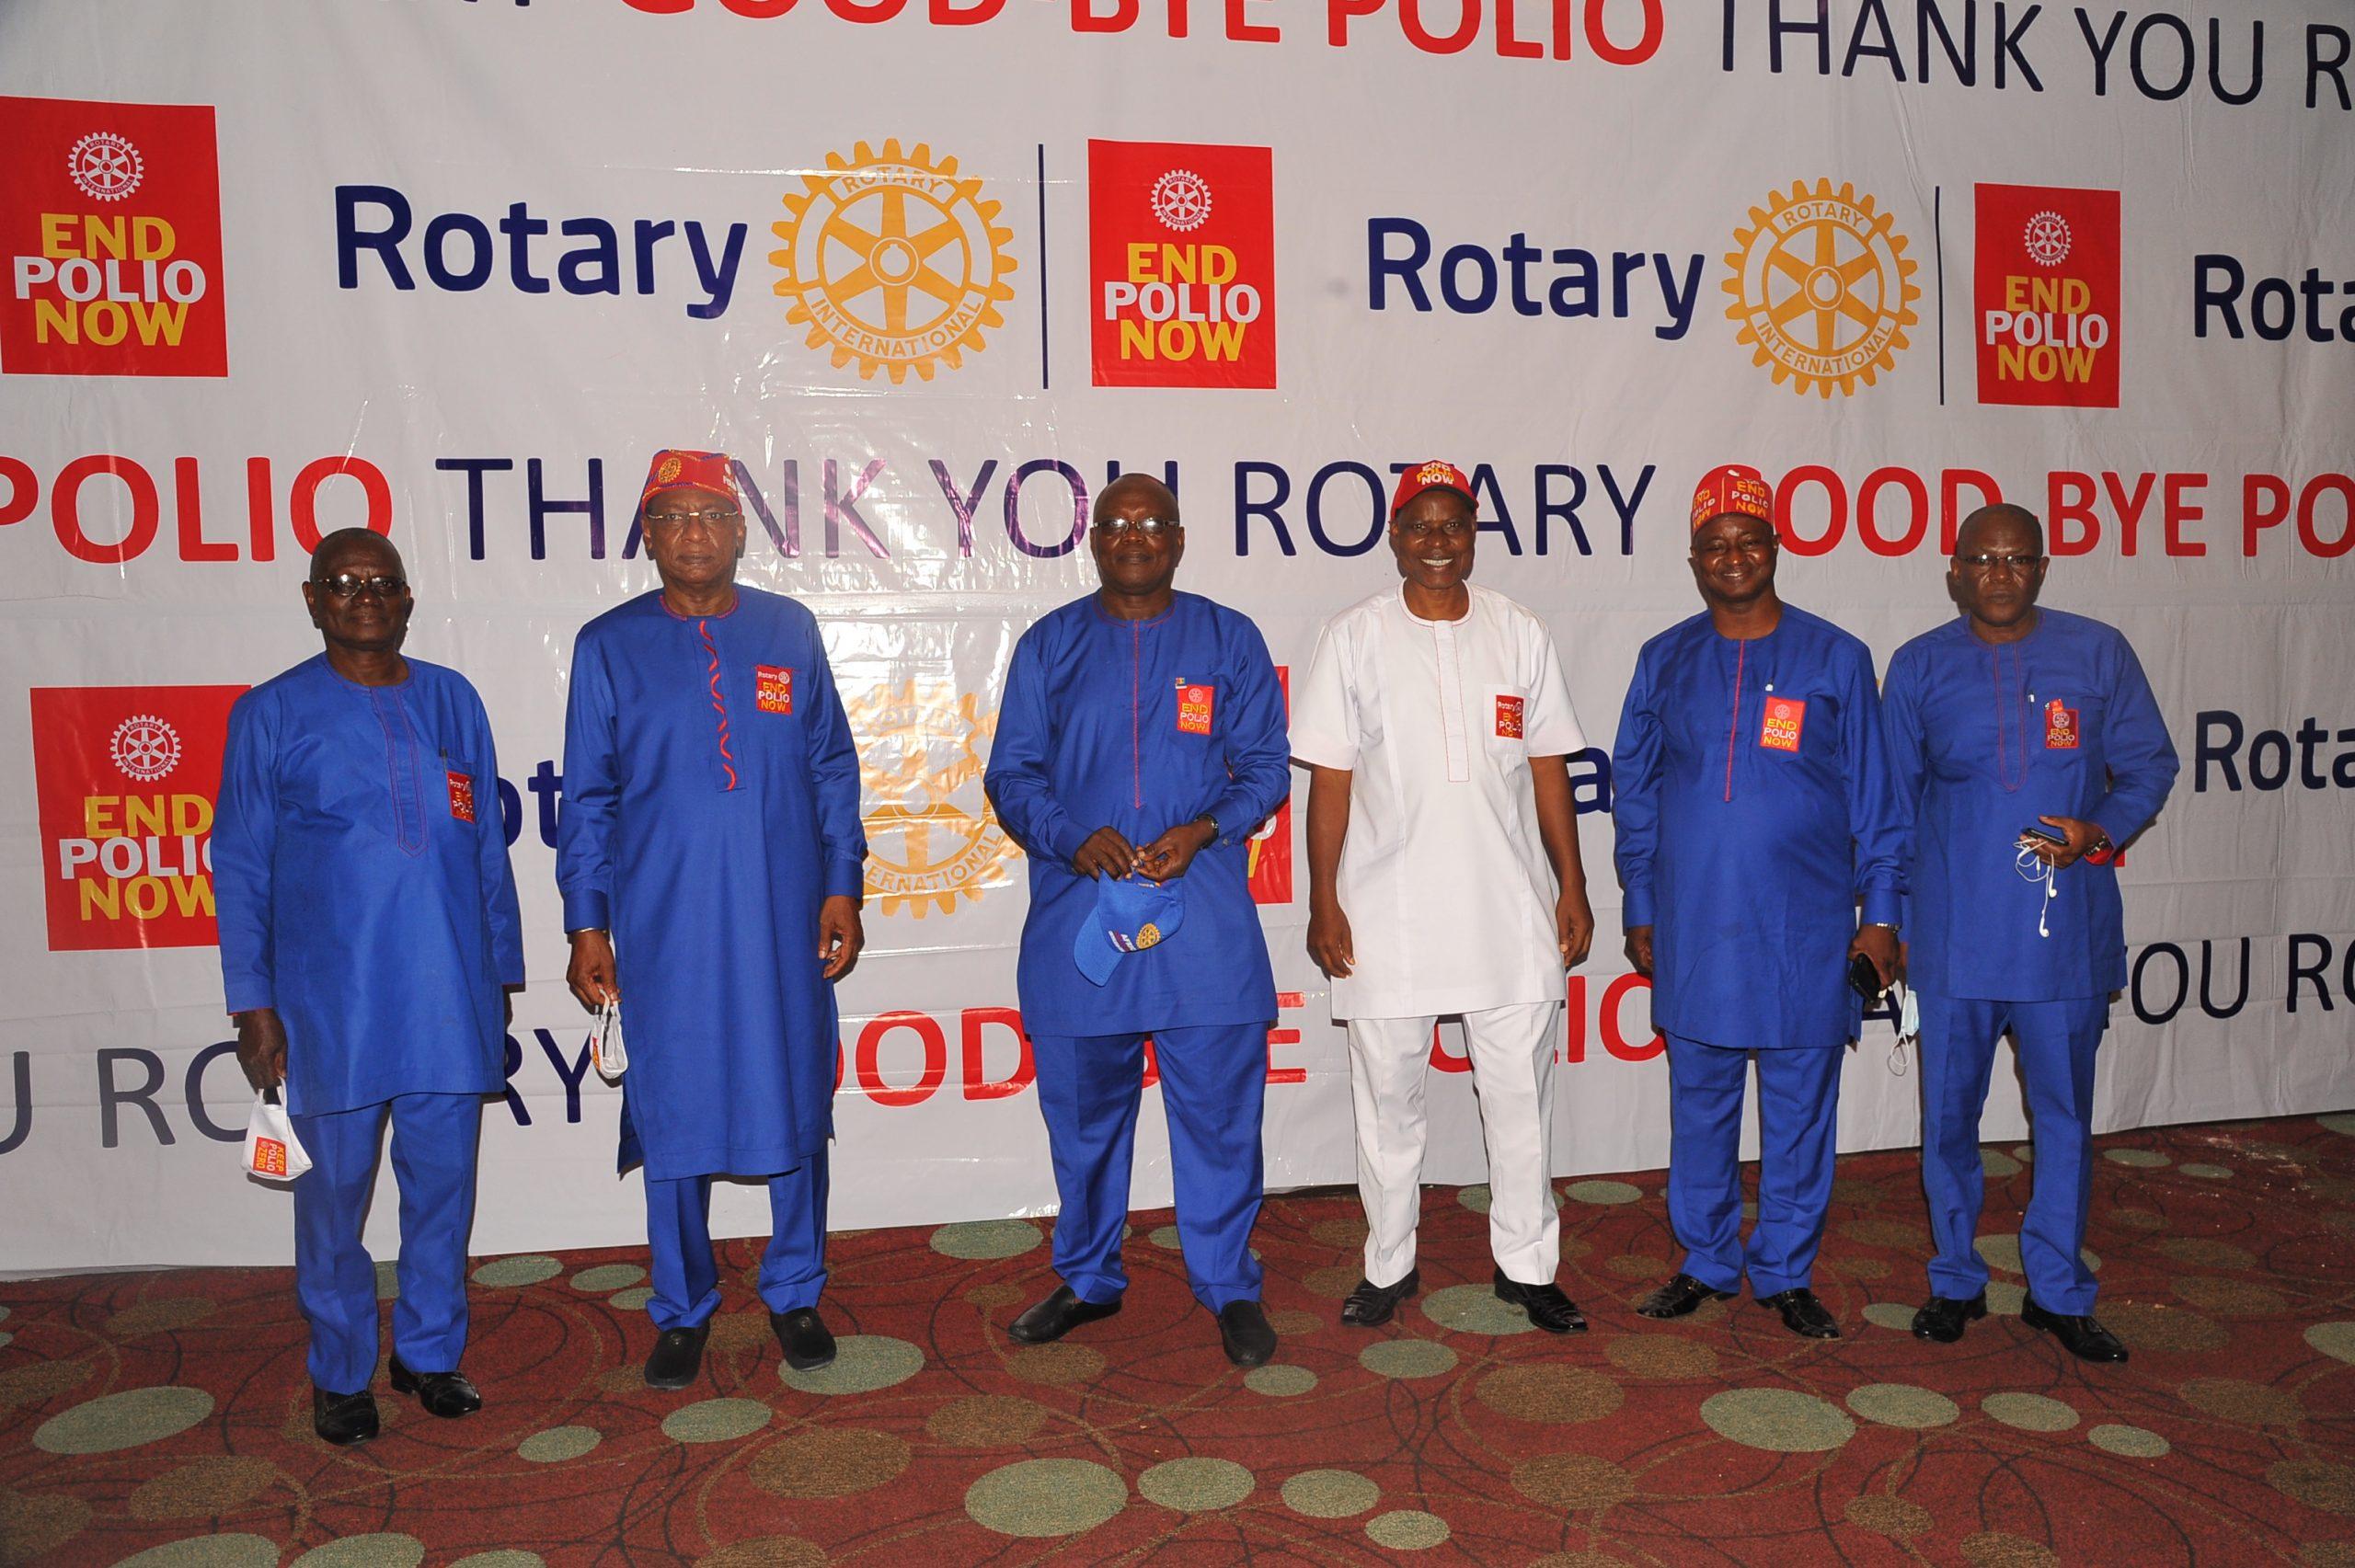 Nigeria National PolioPlus Committee Members